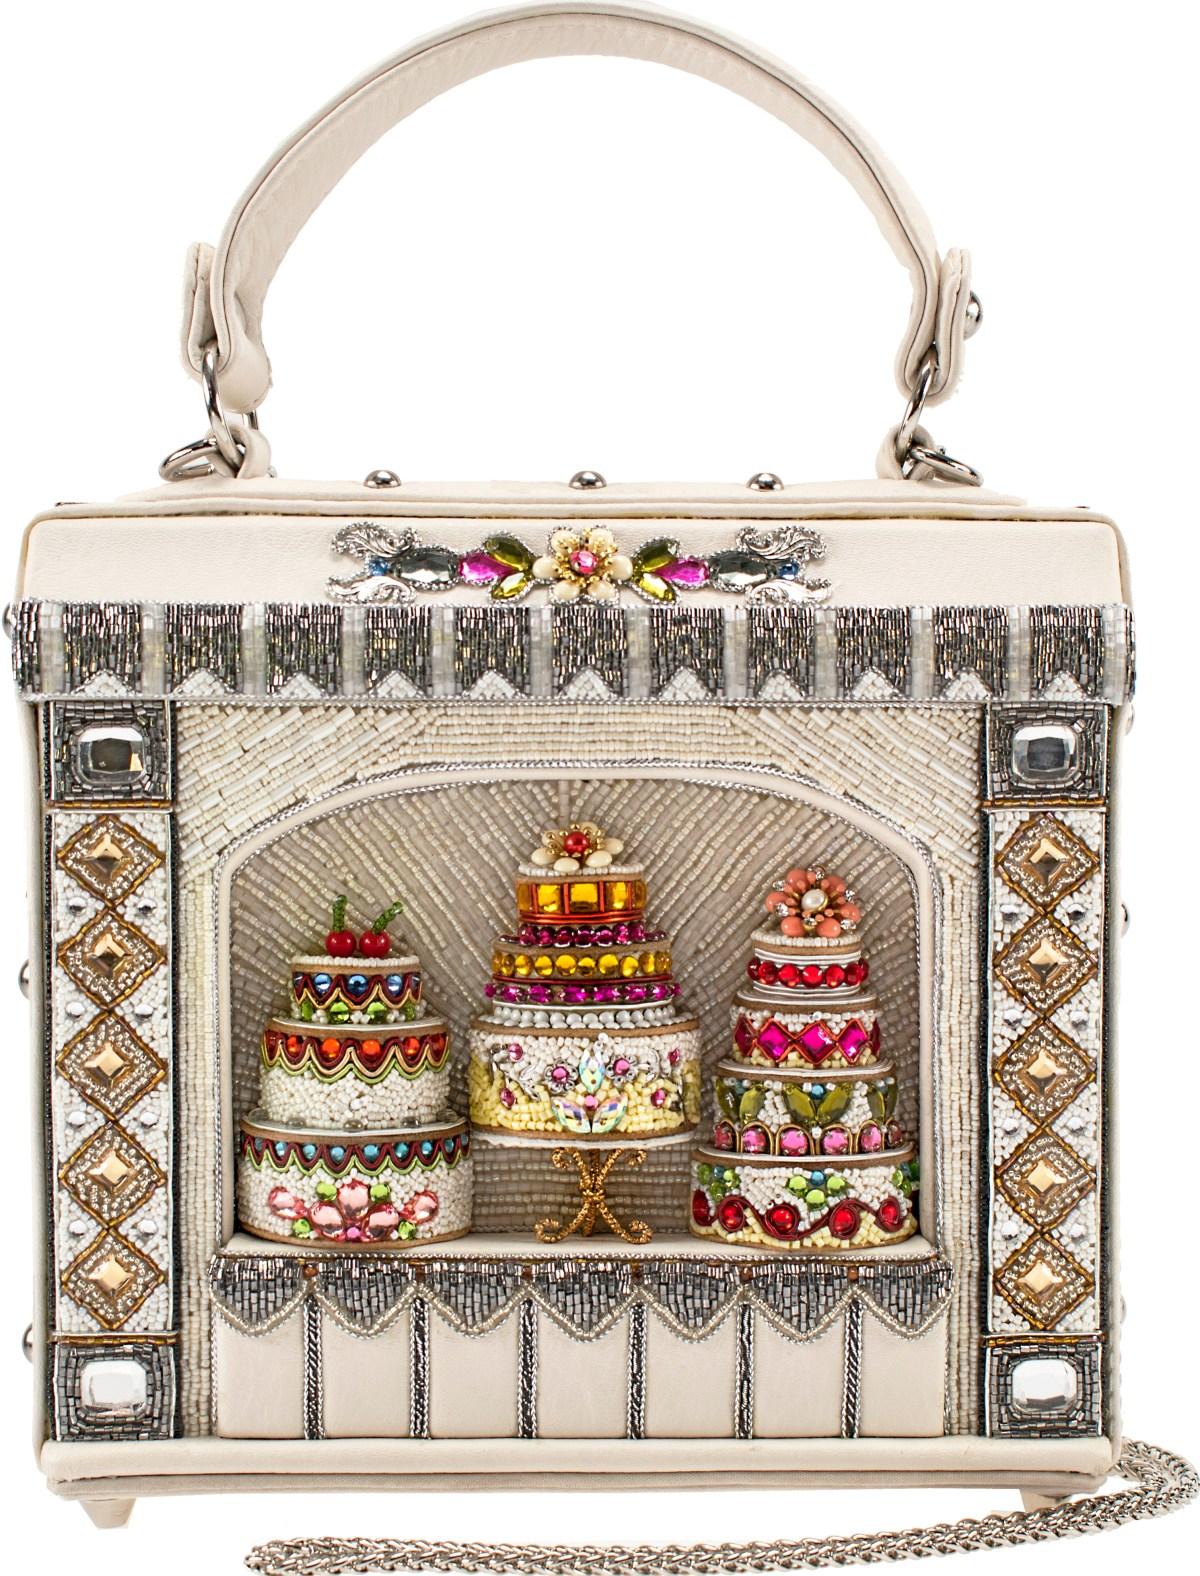 Mary Frances Cake Shop Handbag